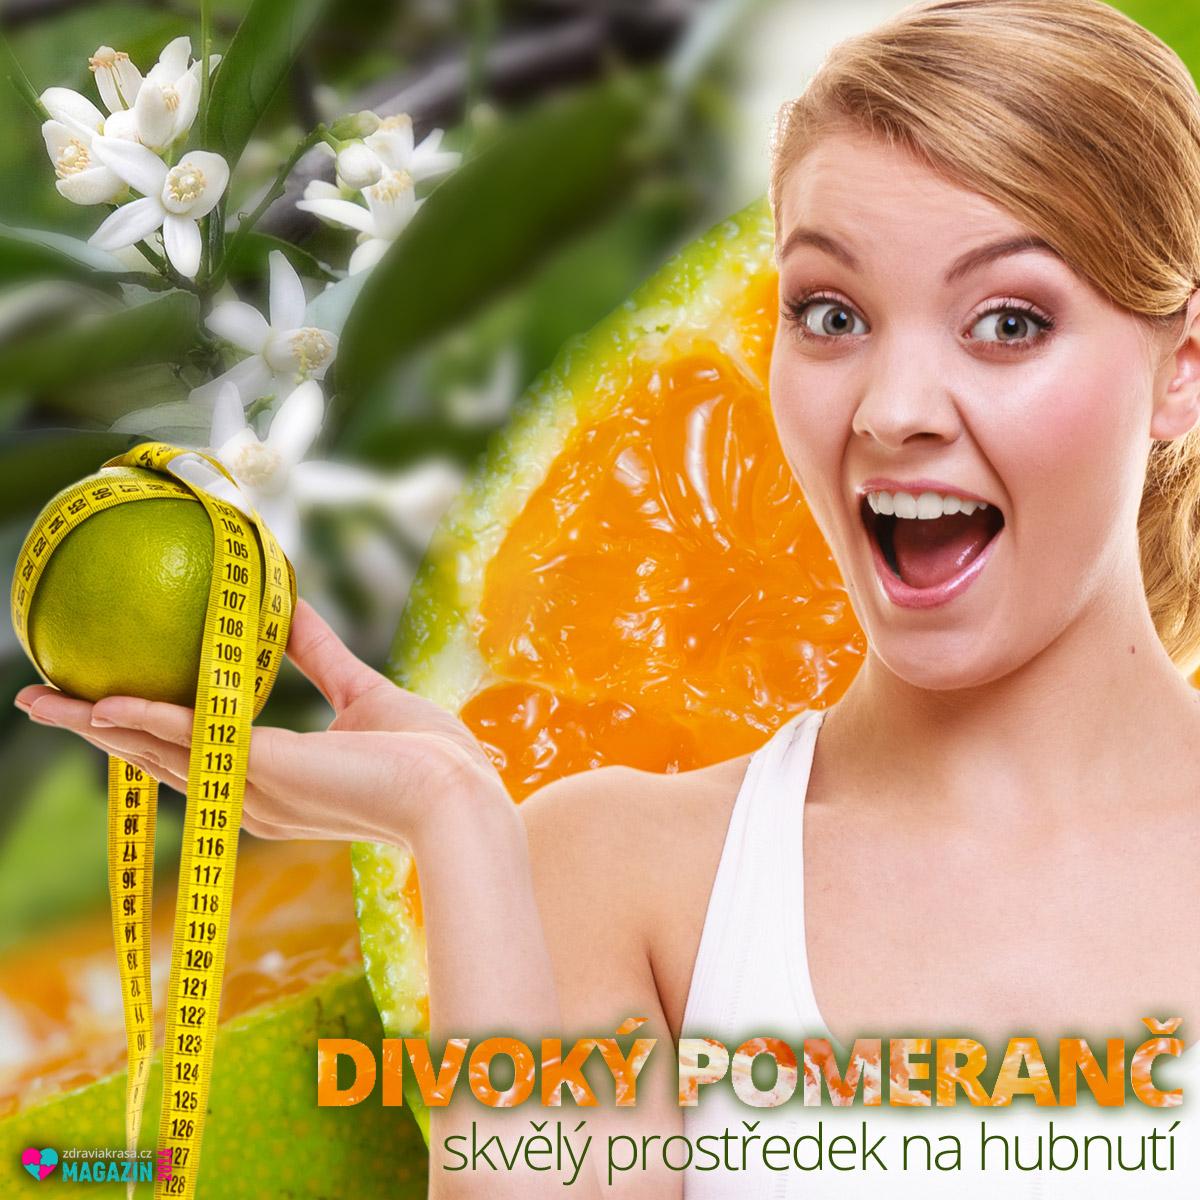 Díky obsaženému synefrinu se hořký pomeranč hodí jako součást odtučňovacích kúr a prostředků na hubnutí.